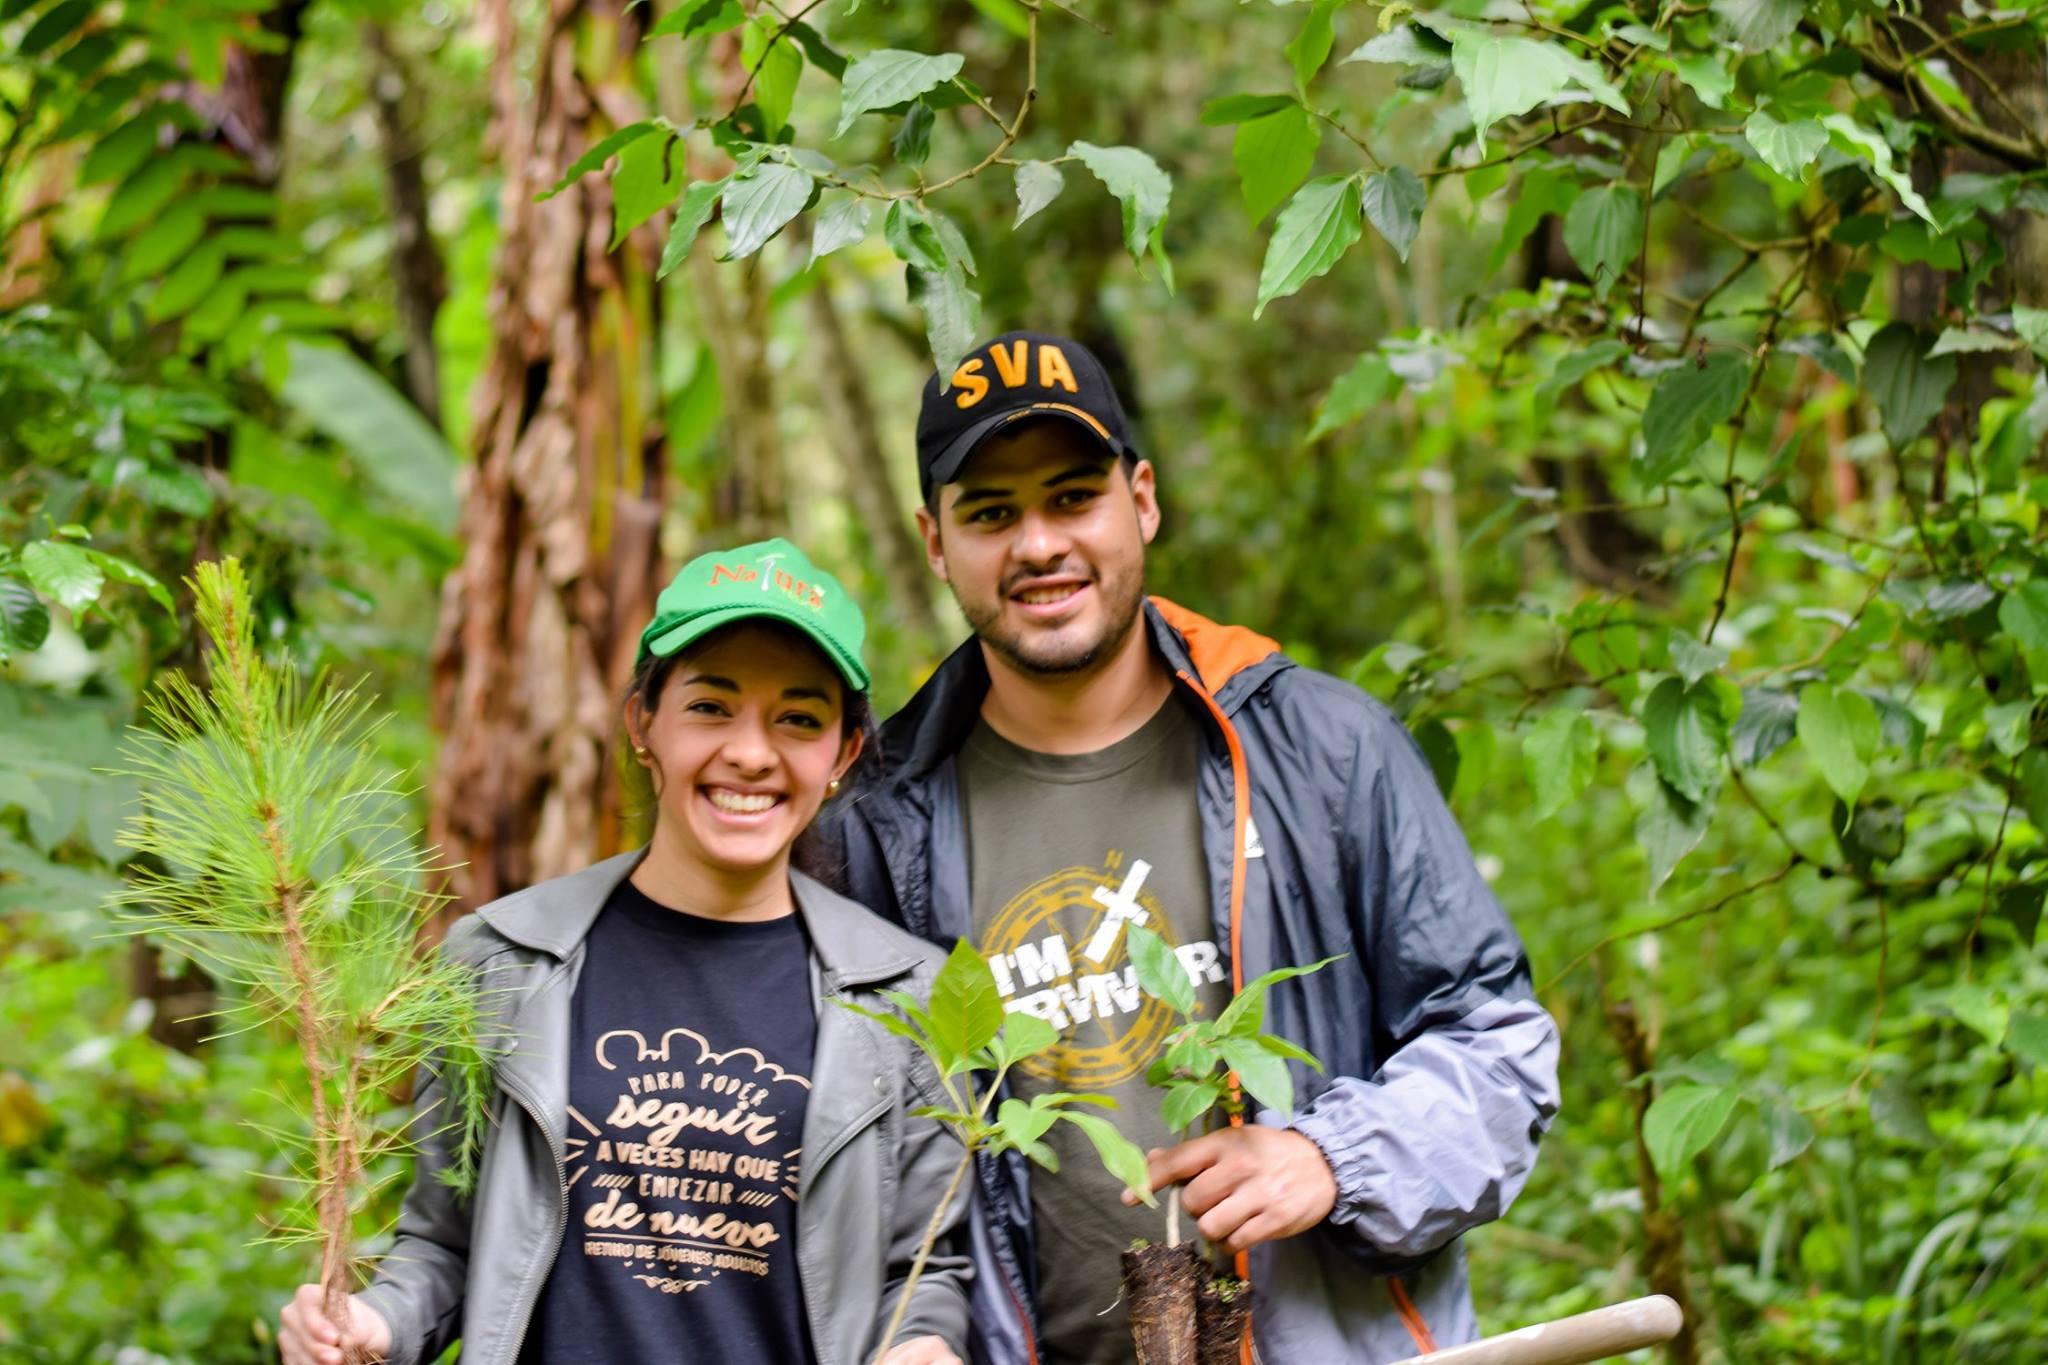 Convocatoria de voluntarios para sembrar árboles en Guatemala 2019